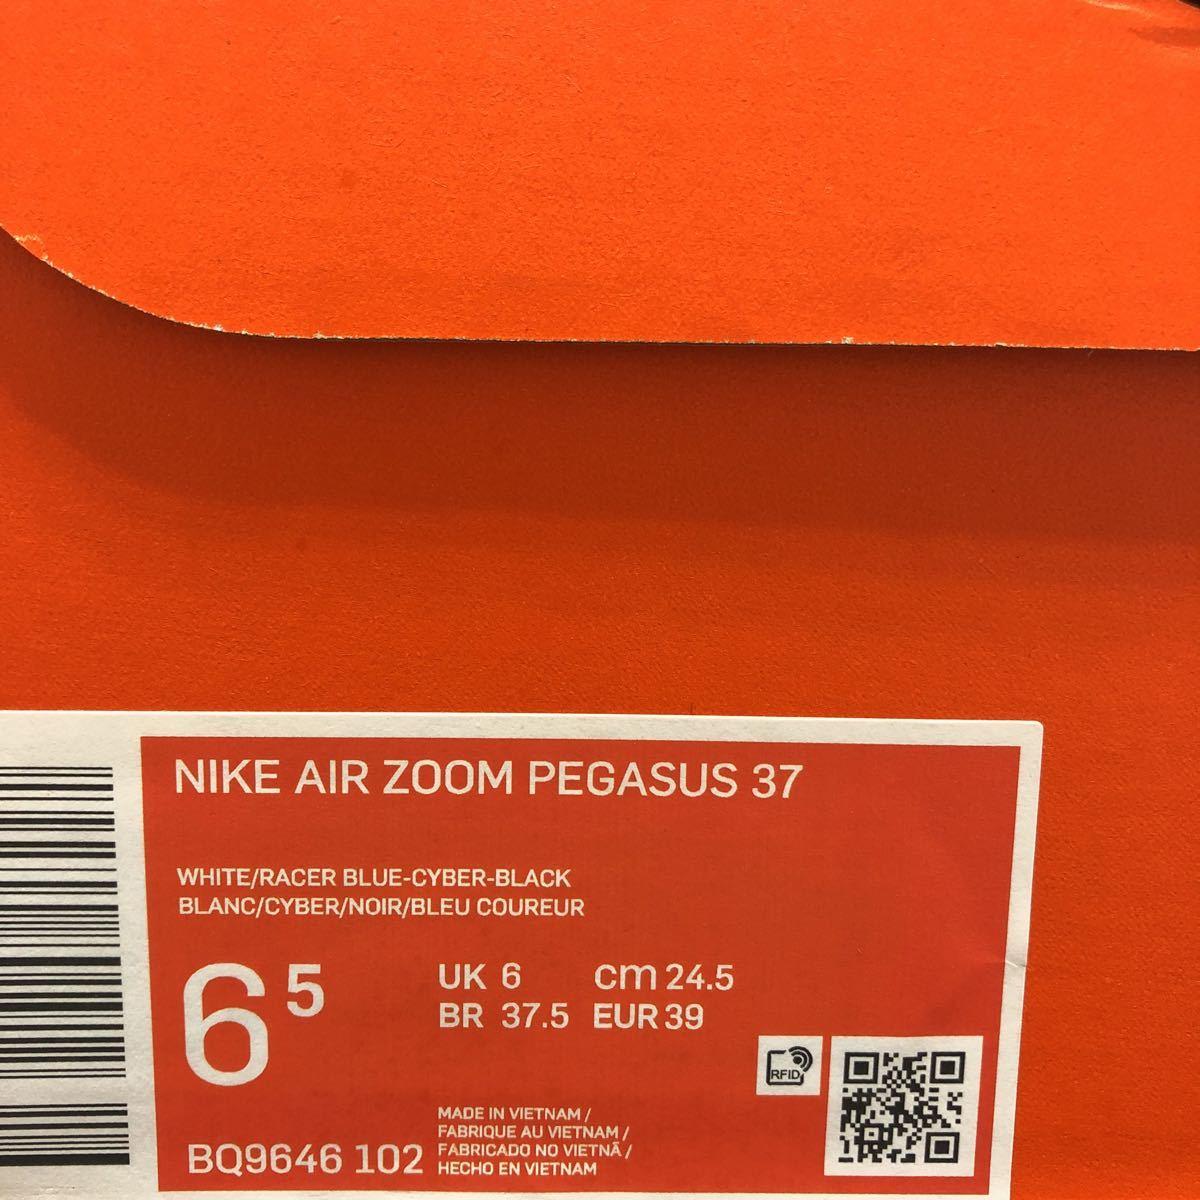 送料無料 新品未使用 ナイキ エア ズーム ペガサス37 24.5cm AIR ZOOM PEGASUS 37 陸上 厚底 ランニングシューズ : ホワイト×ブルー NIKE